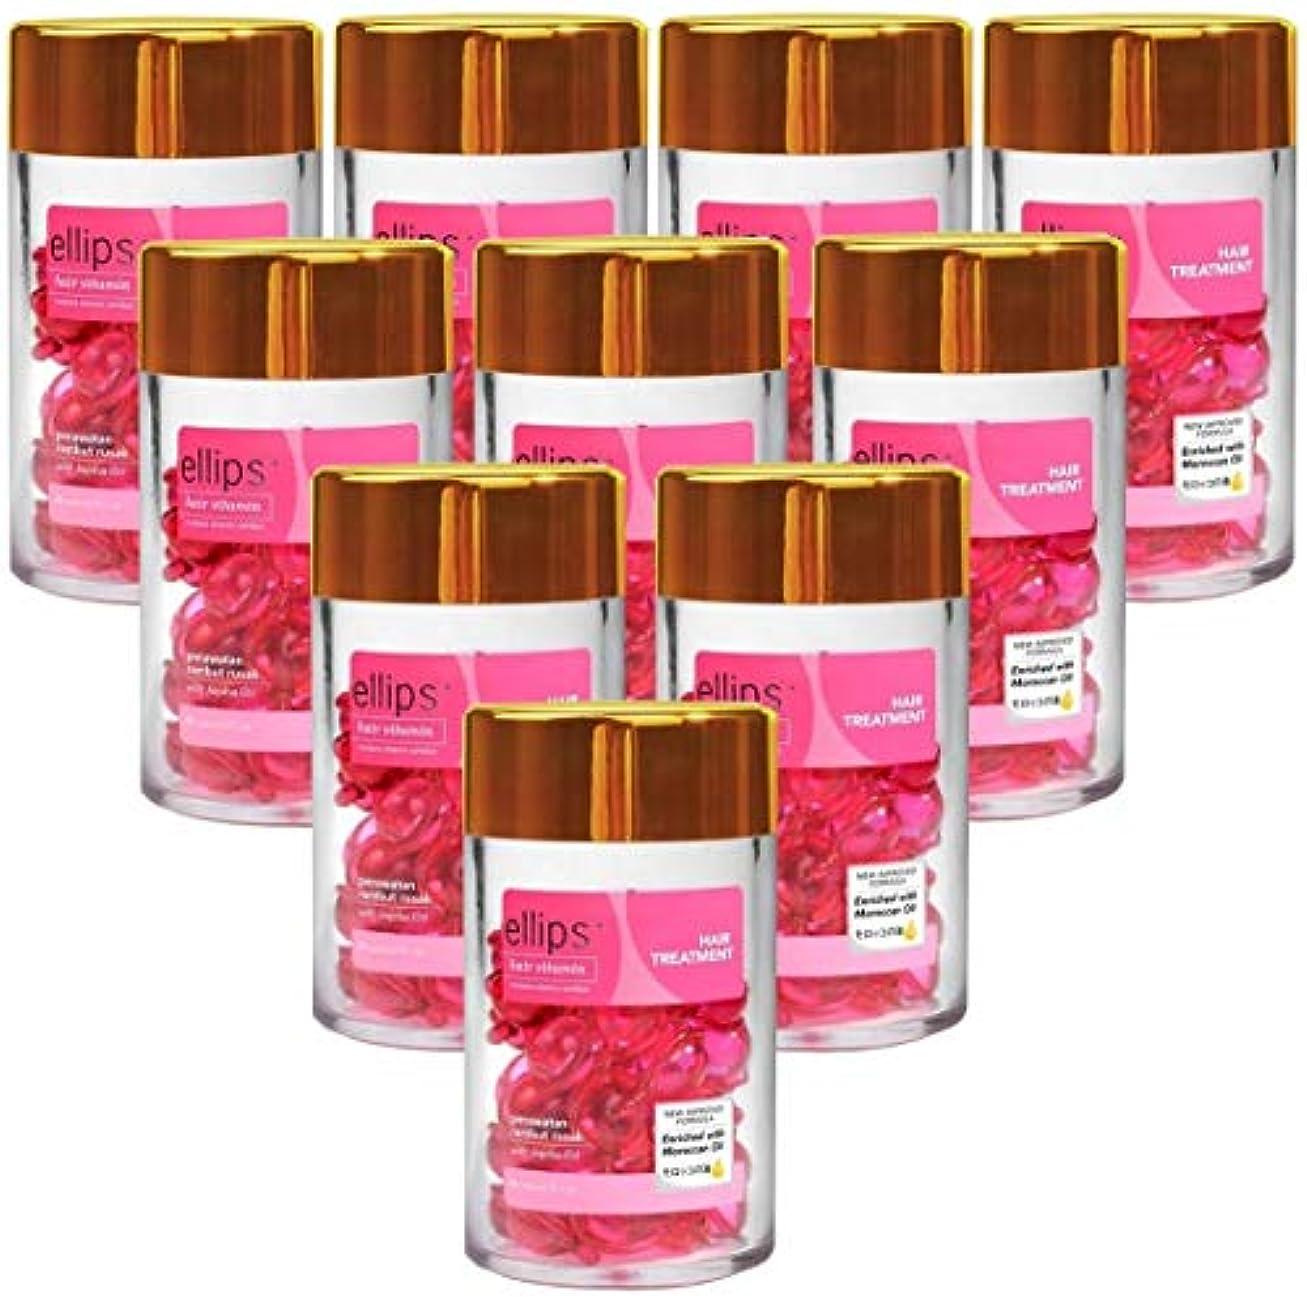 有害なの中で健康エリップス ellips ヘアビタミン ヘアトリートメント 50粒 ボトル ピンク お得な10本セット [並行輸入品]